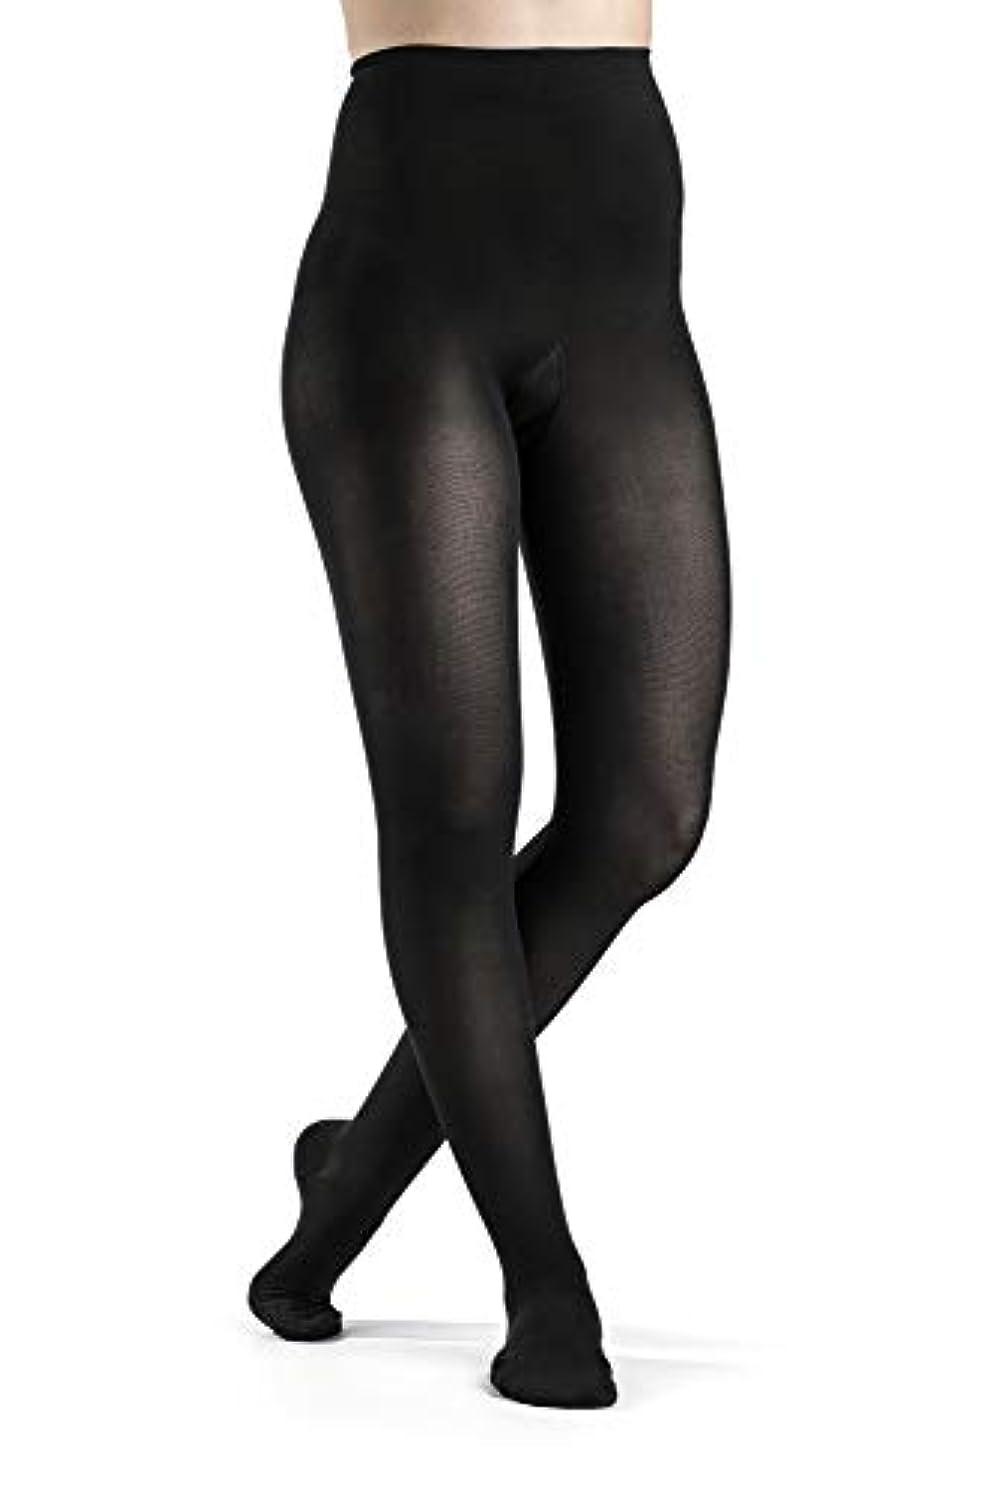 なくなる添付わなSigvaris 841P Soft Opaque 15-20 mmHg Closed Toe Pantyhose Size: Small Short (SS), Color: Black 99 by Sigvaris